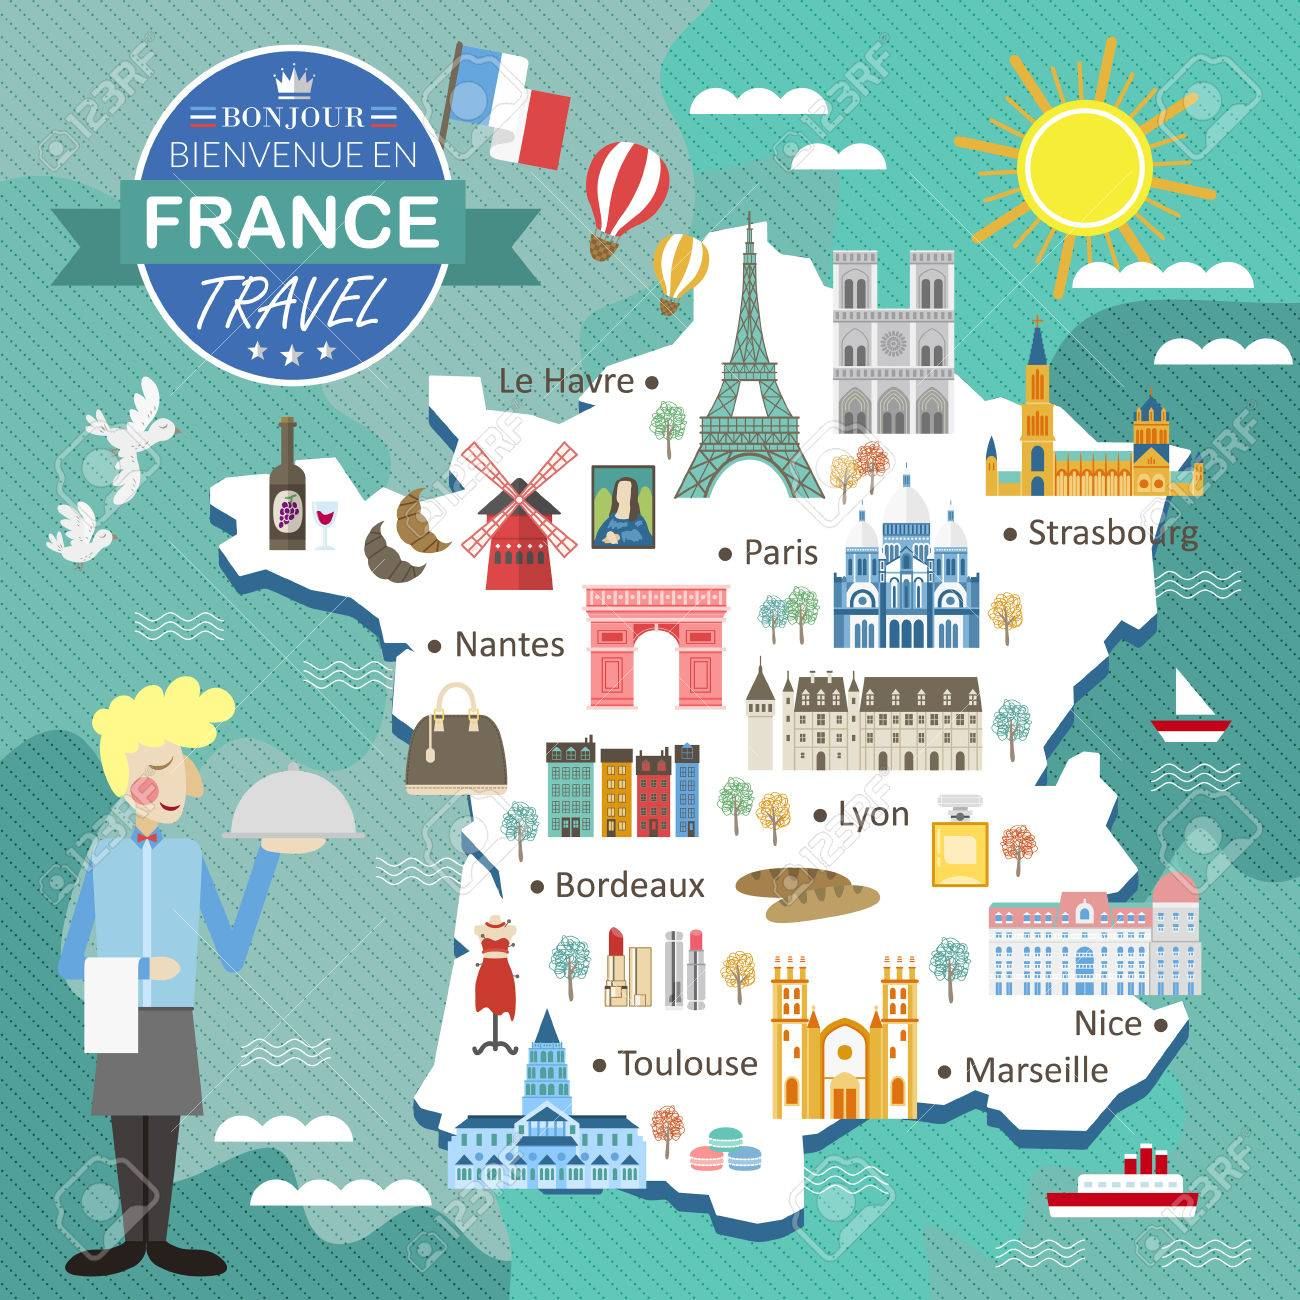 Cartina Della Francia Con Monumenti.Vettoriale Attraente Francia Mappa Con Attrazioni E Specialita Image 53715735